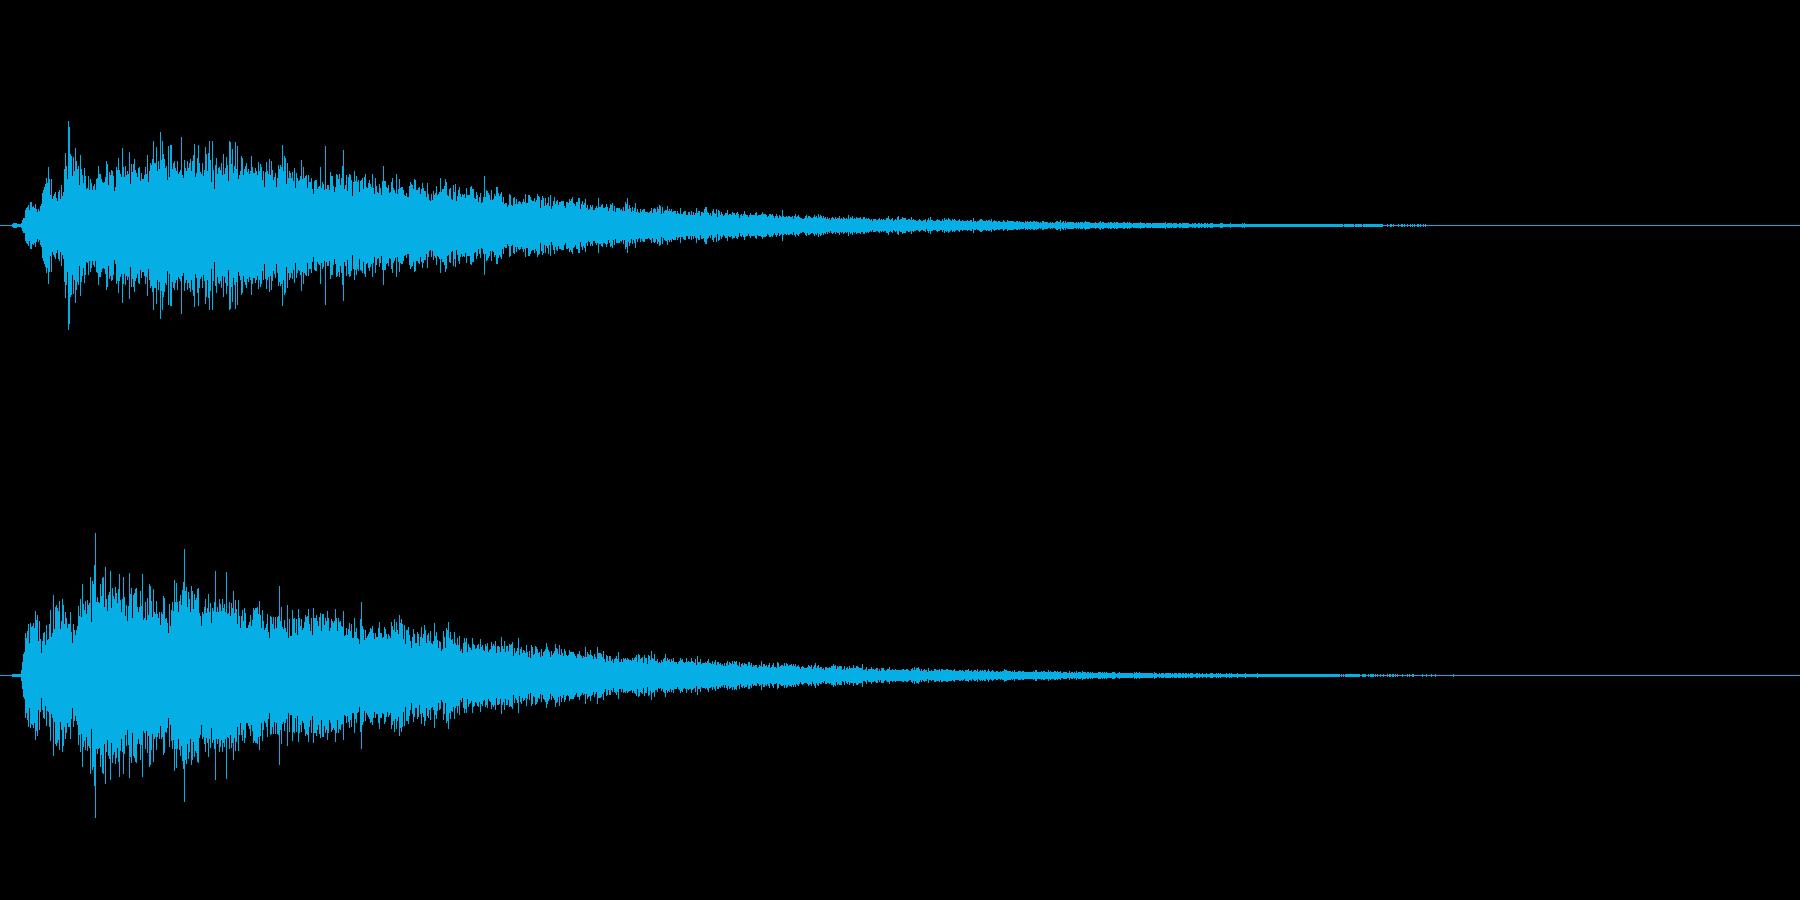 不穏、察知、予知、超能力、虫の知らせ-6の再生済みの波形